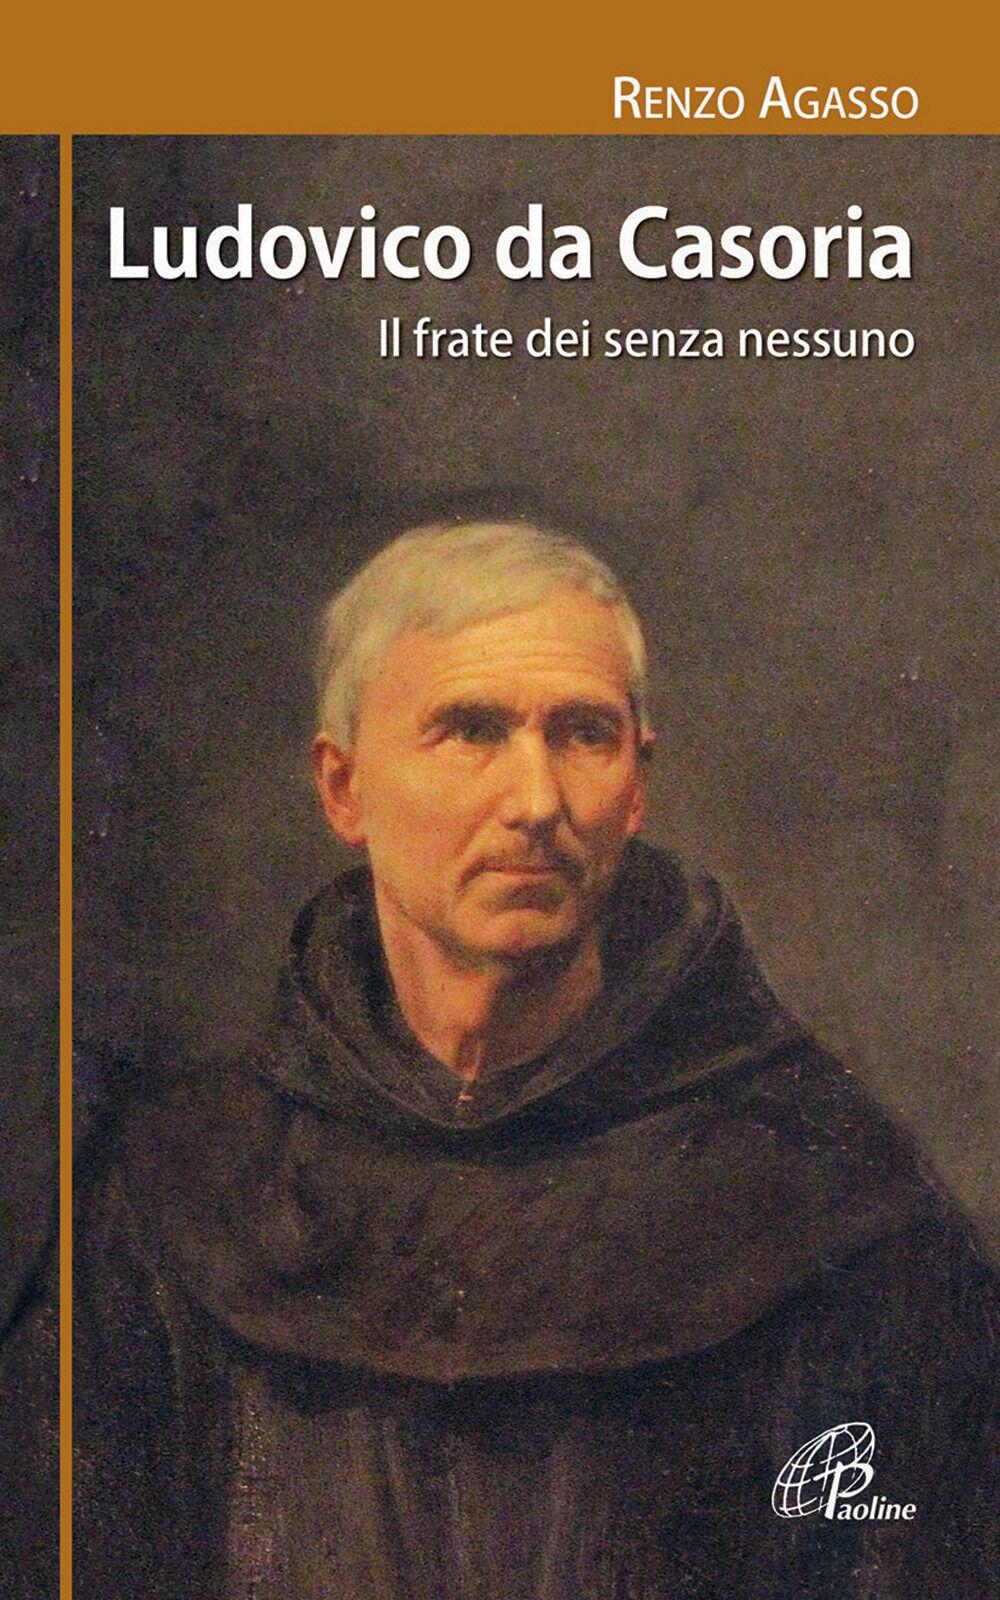 Ludovico da Casoria. Il frate dei senza nessuno